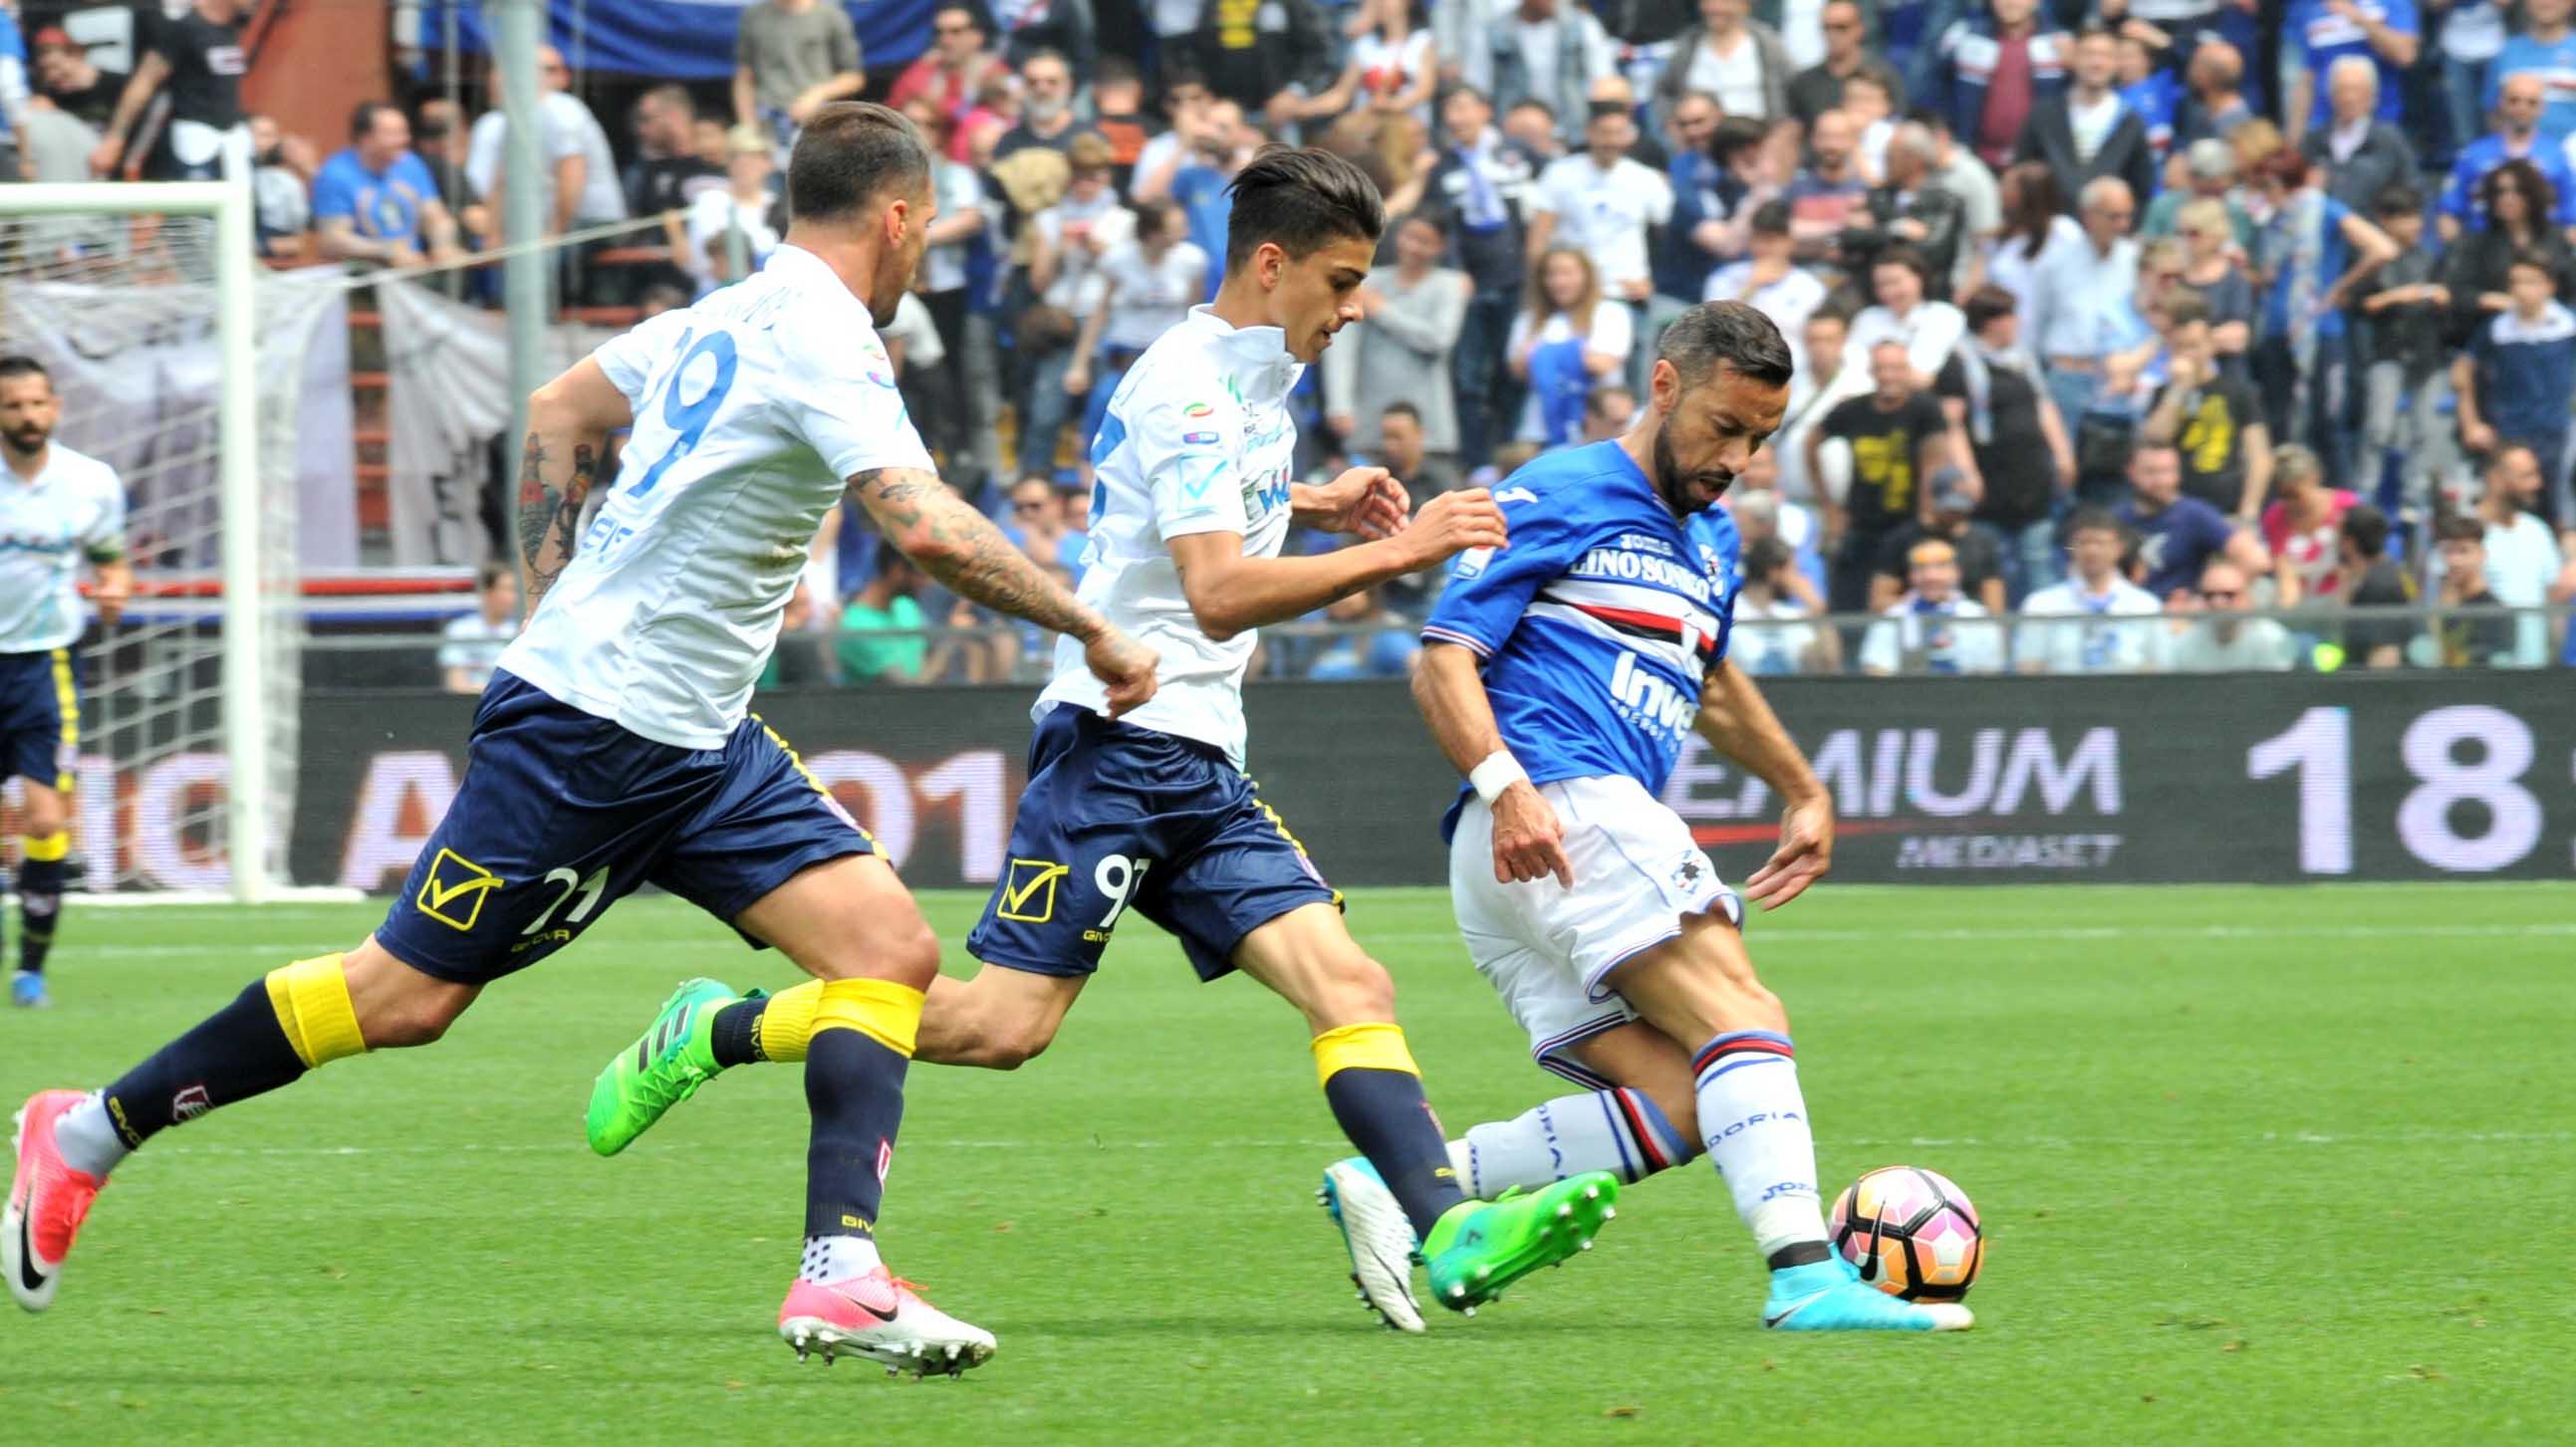 chievo-sampdoria - photo #50